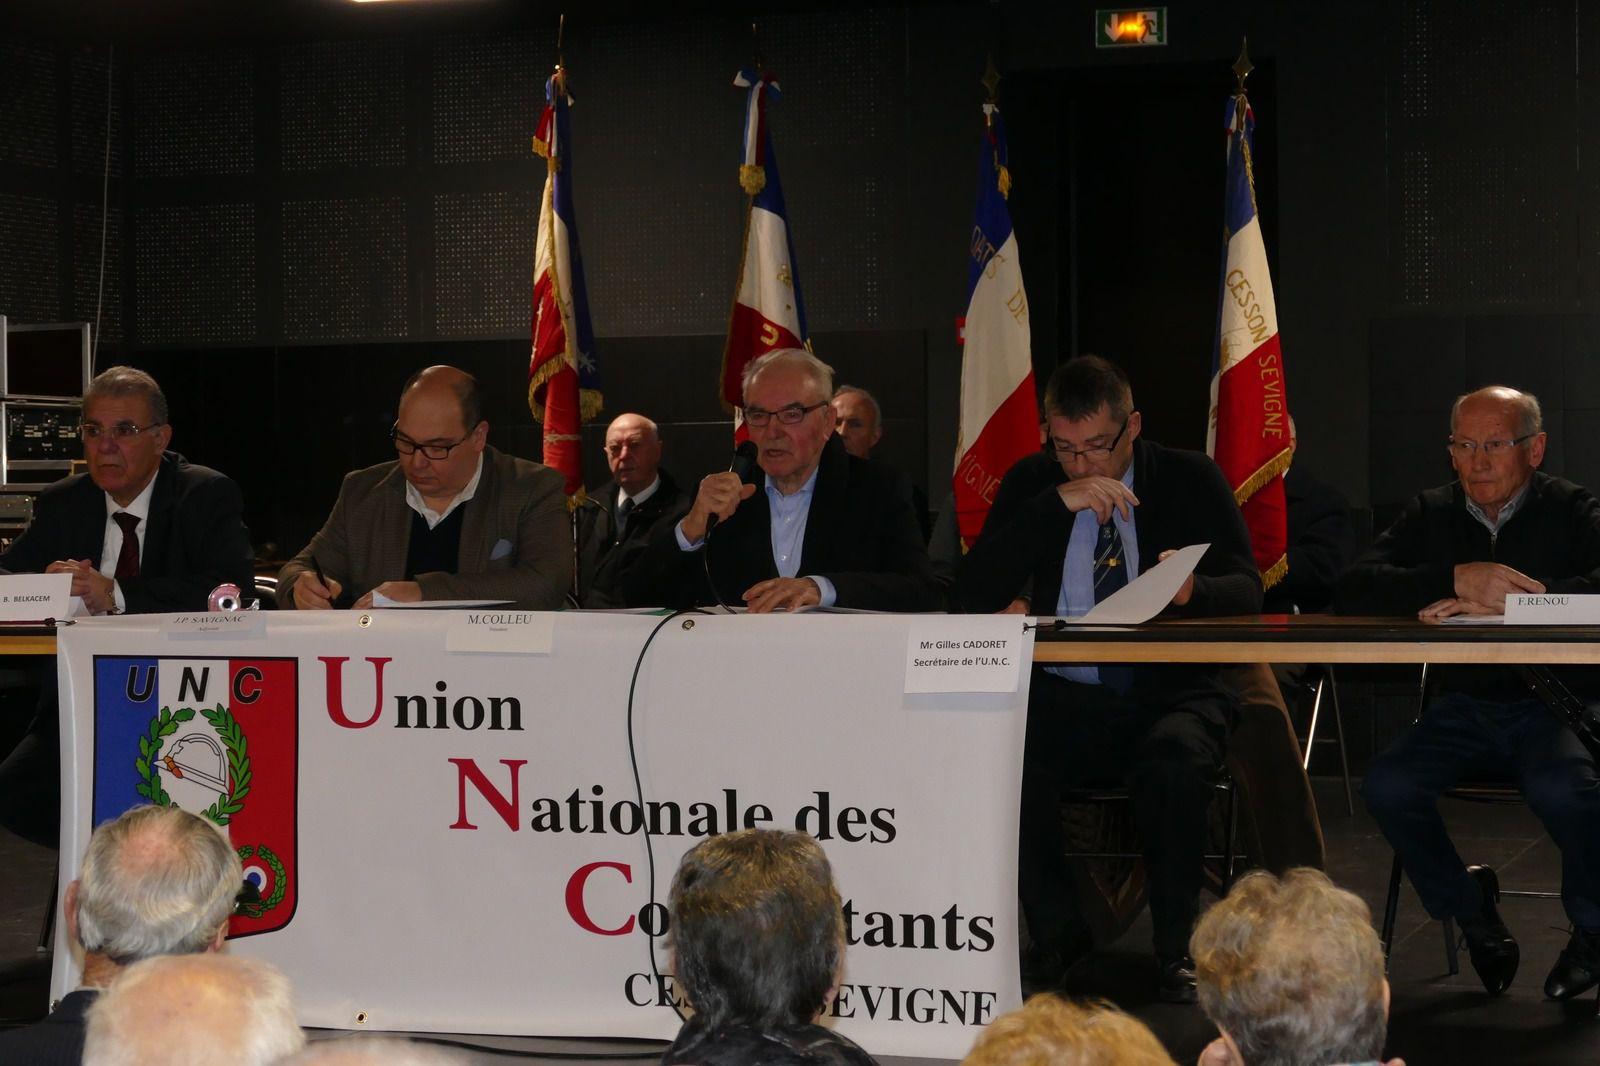 Assemblée générale de l'UNC de Cesson-Sévigné